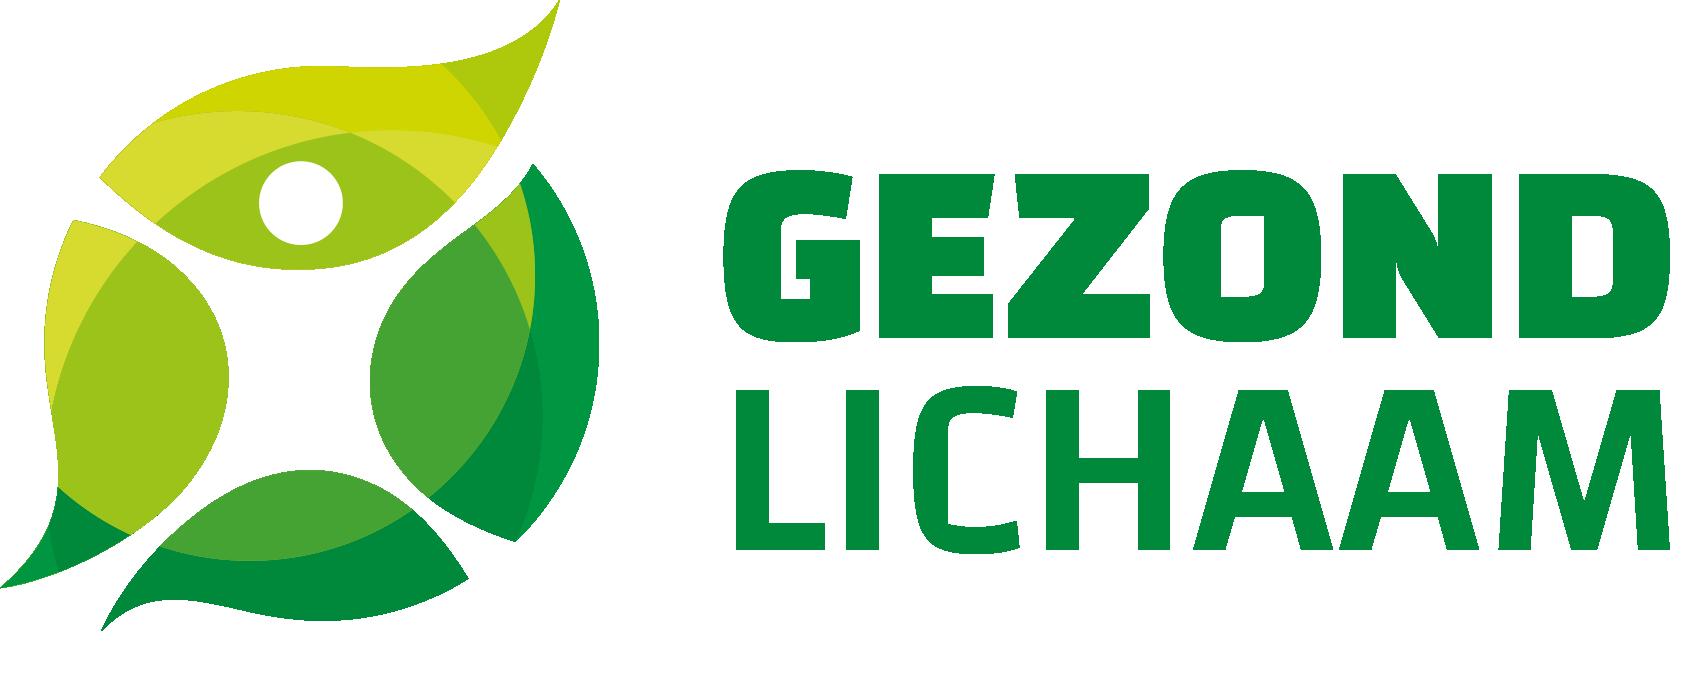 Gezond Lichaam